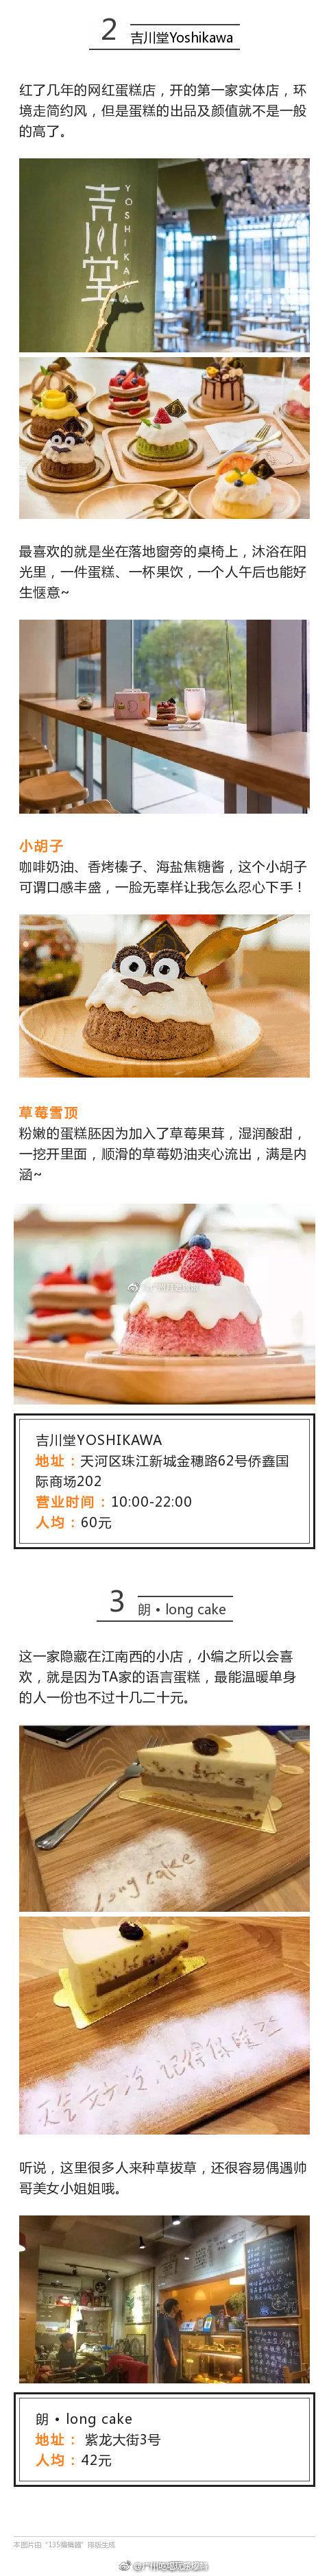 好吃又高颜值蛋糕,分布在广州这几个地方,快去觅食~